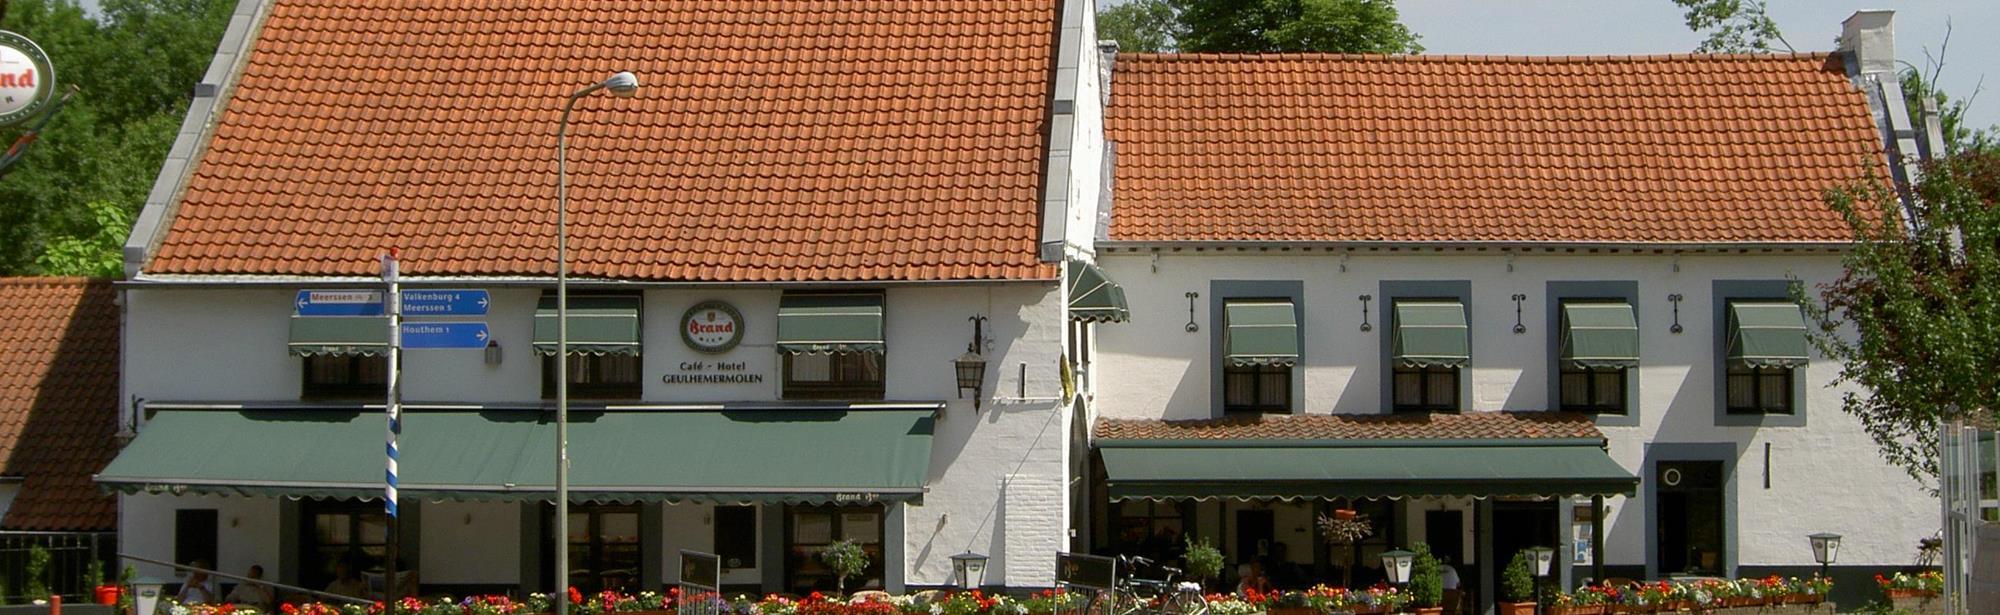 Restaurant De Geulhemermolen